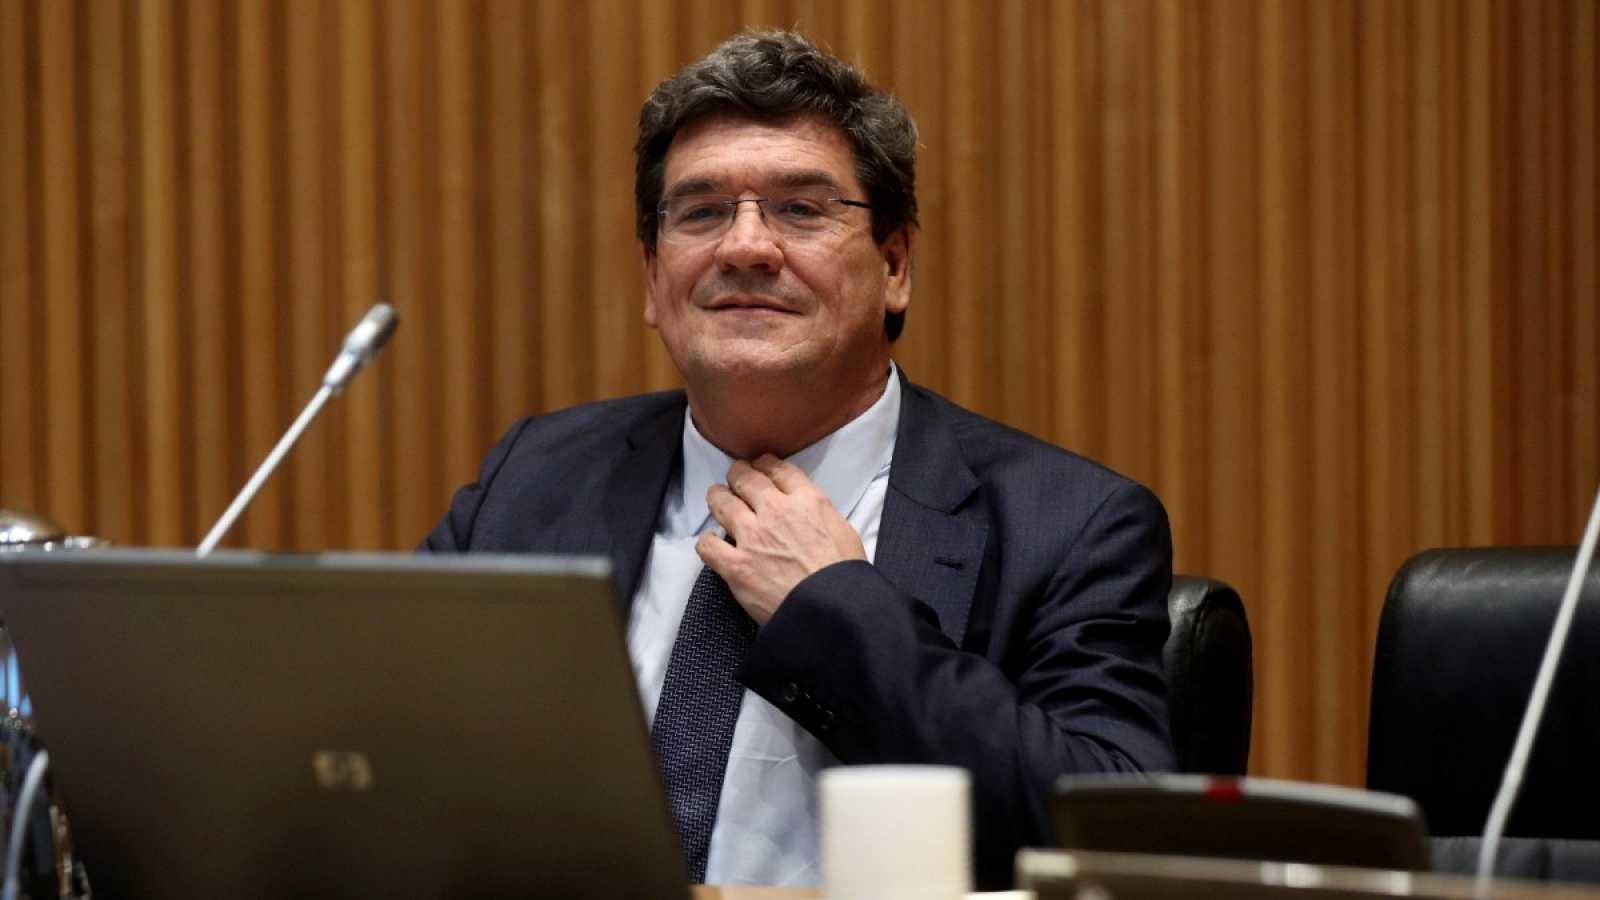 El ministro de Seguridad Social, José Luis Escrivá, asegura que la caída del empleo se ha estabilizado